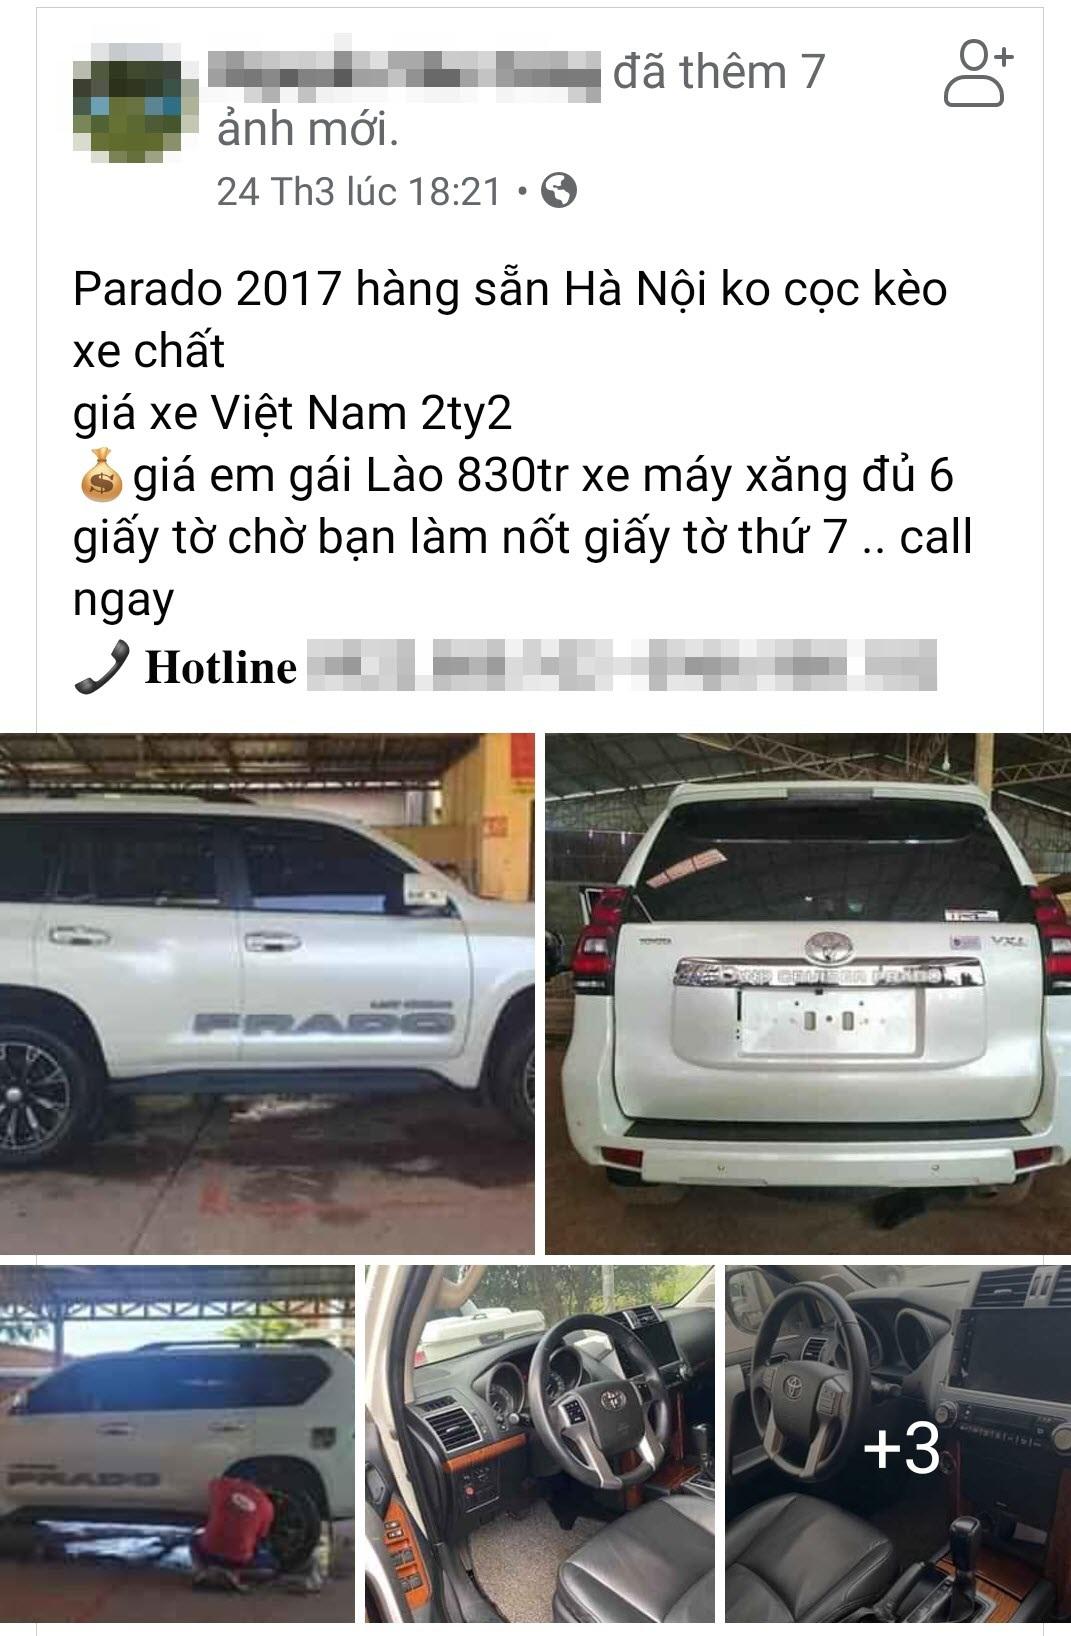 Bùng nổ ô tô cũ biển Lào bán giá siêu rẻ tại Việt Nam